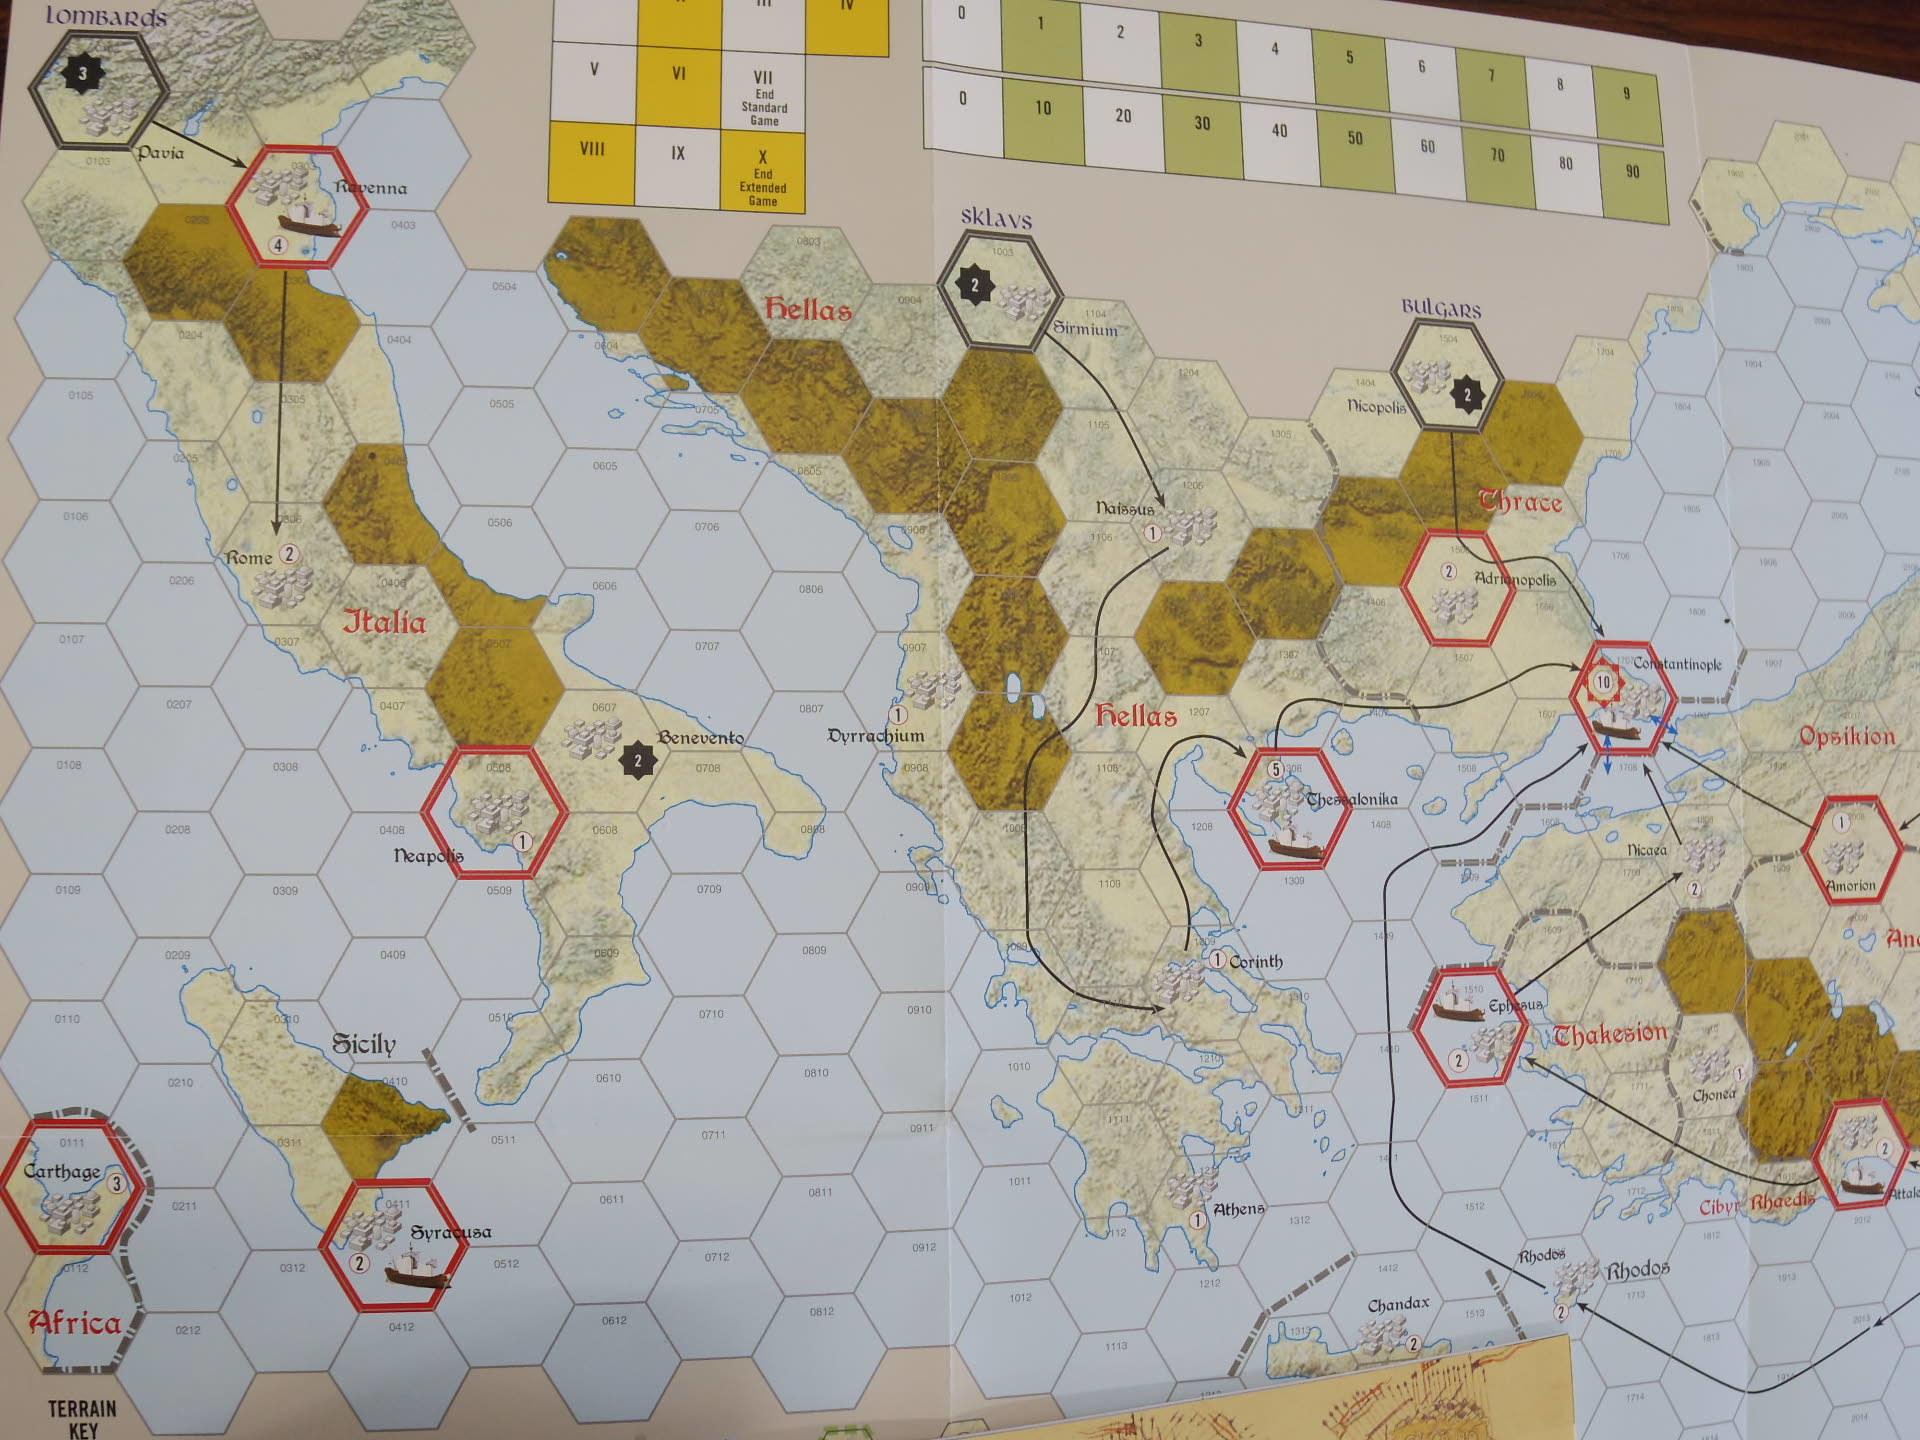 【新作ゲーム拝見】(S&T誌318号)Constantinople:コンスタンチノープル_b0173672_21030325.jpg